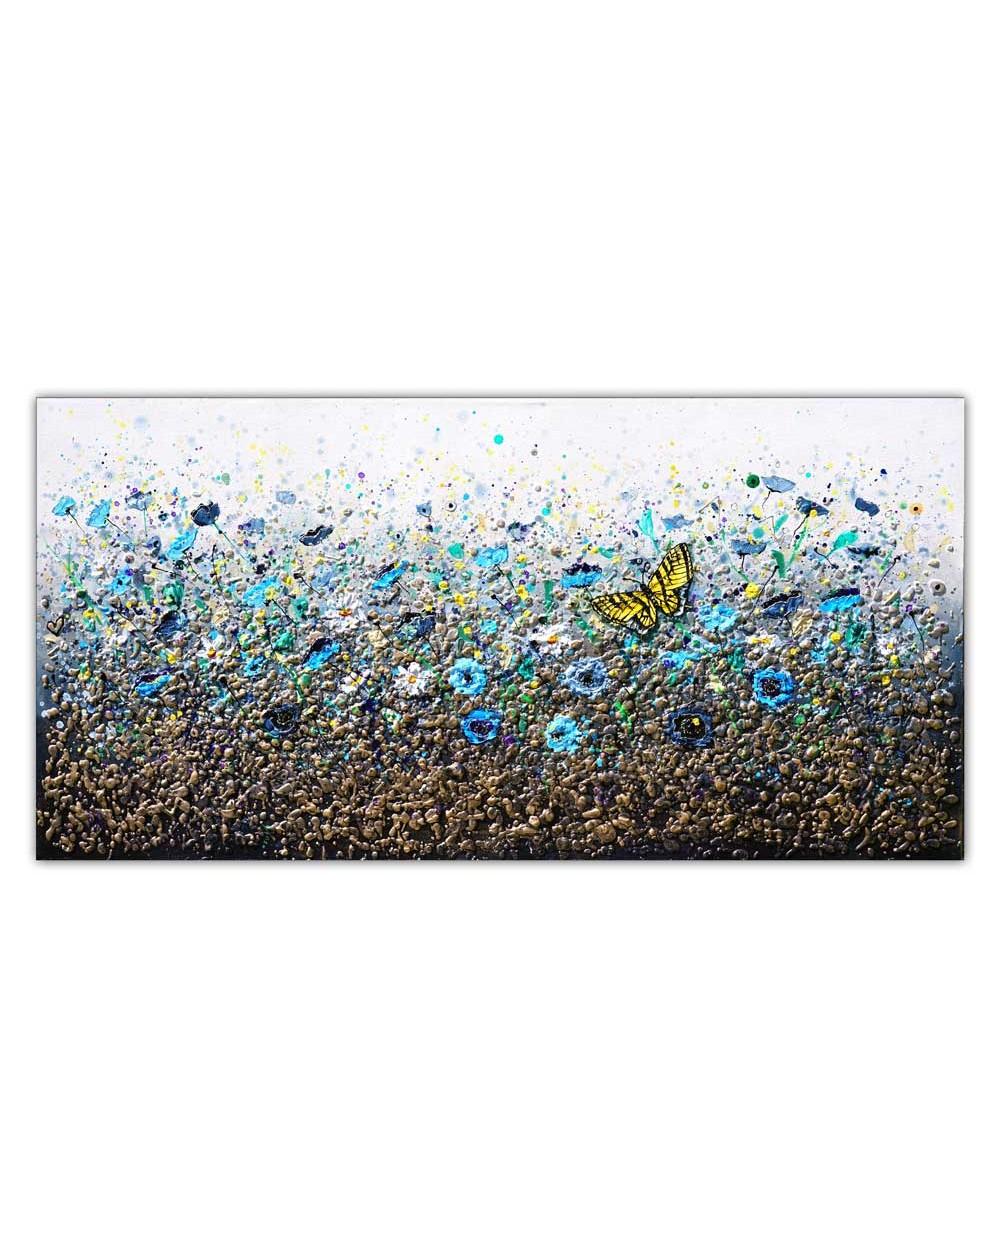 Swallowtail Butterfly Dance